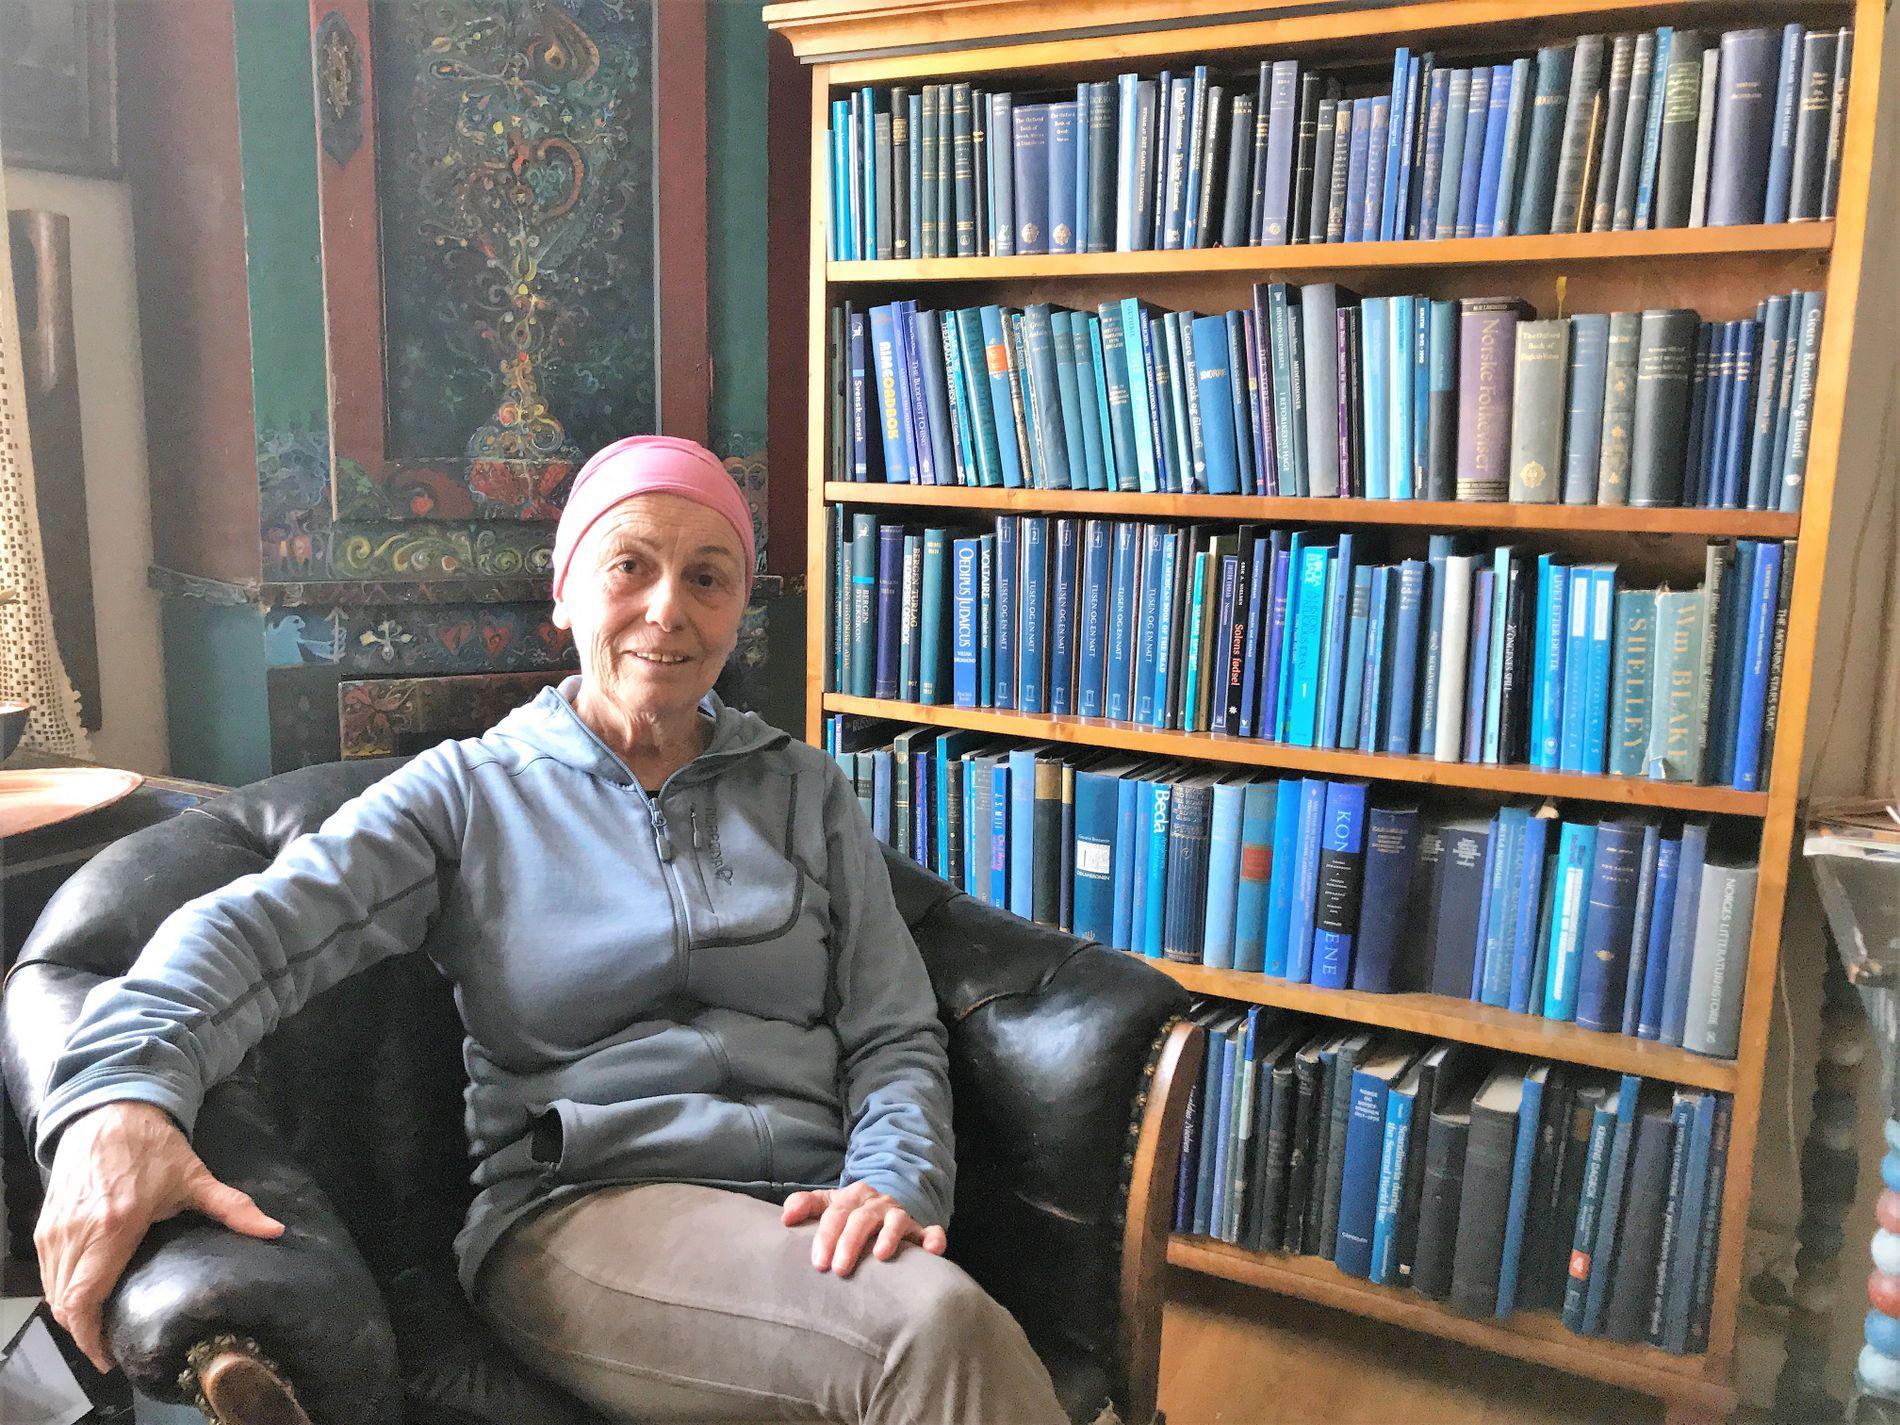 HEIMEN: – Hos oss var det alltid Georg som bestemte korleis det skulle sjå ut,  fortel sambuaren Laila Aase. Dei blå bøkene plasserte han i den blå stova, dei raude bøkene i den raude.